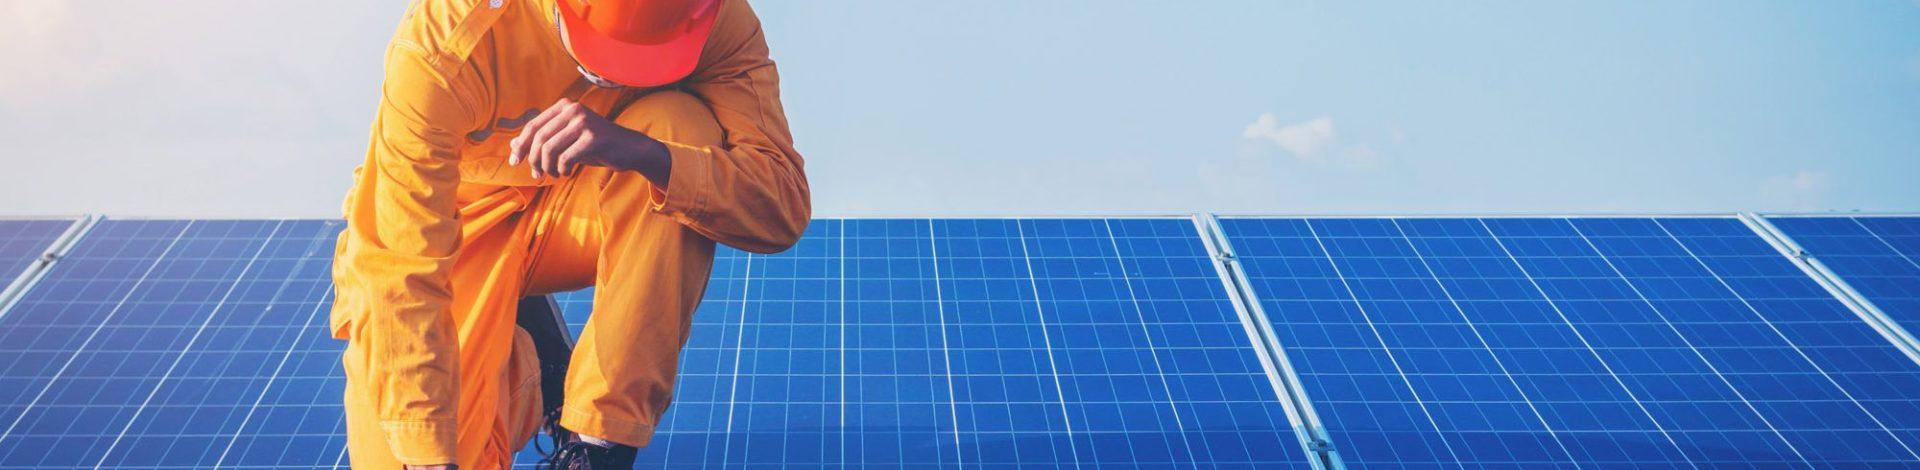 La maintenance d'une installation photovoltaïque